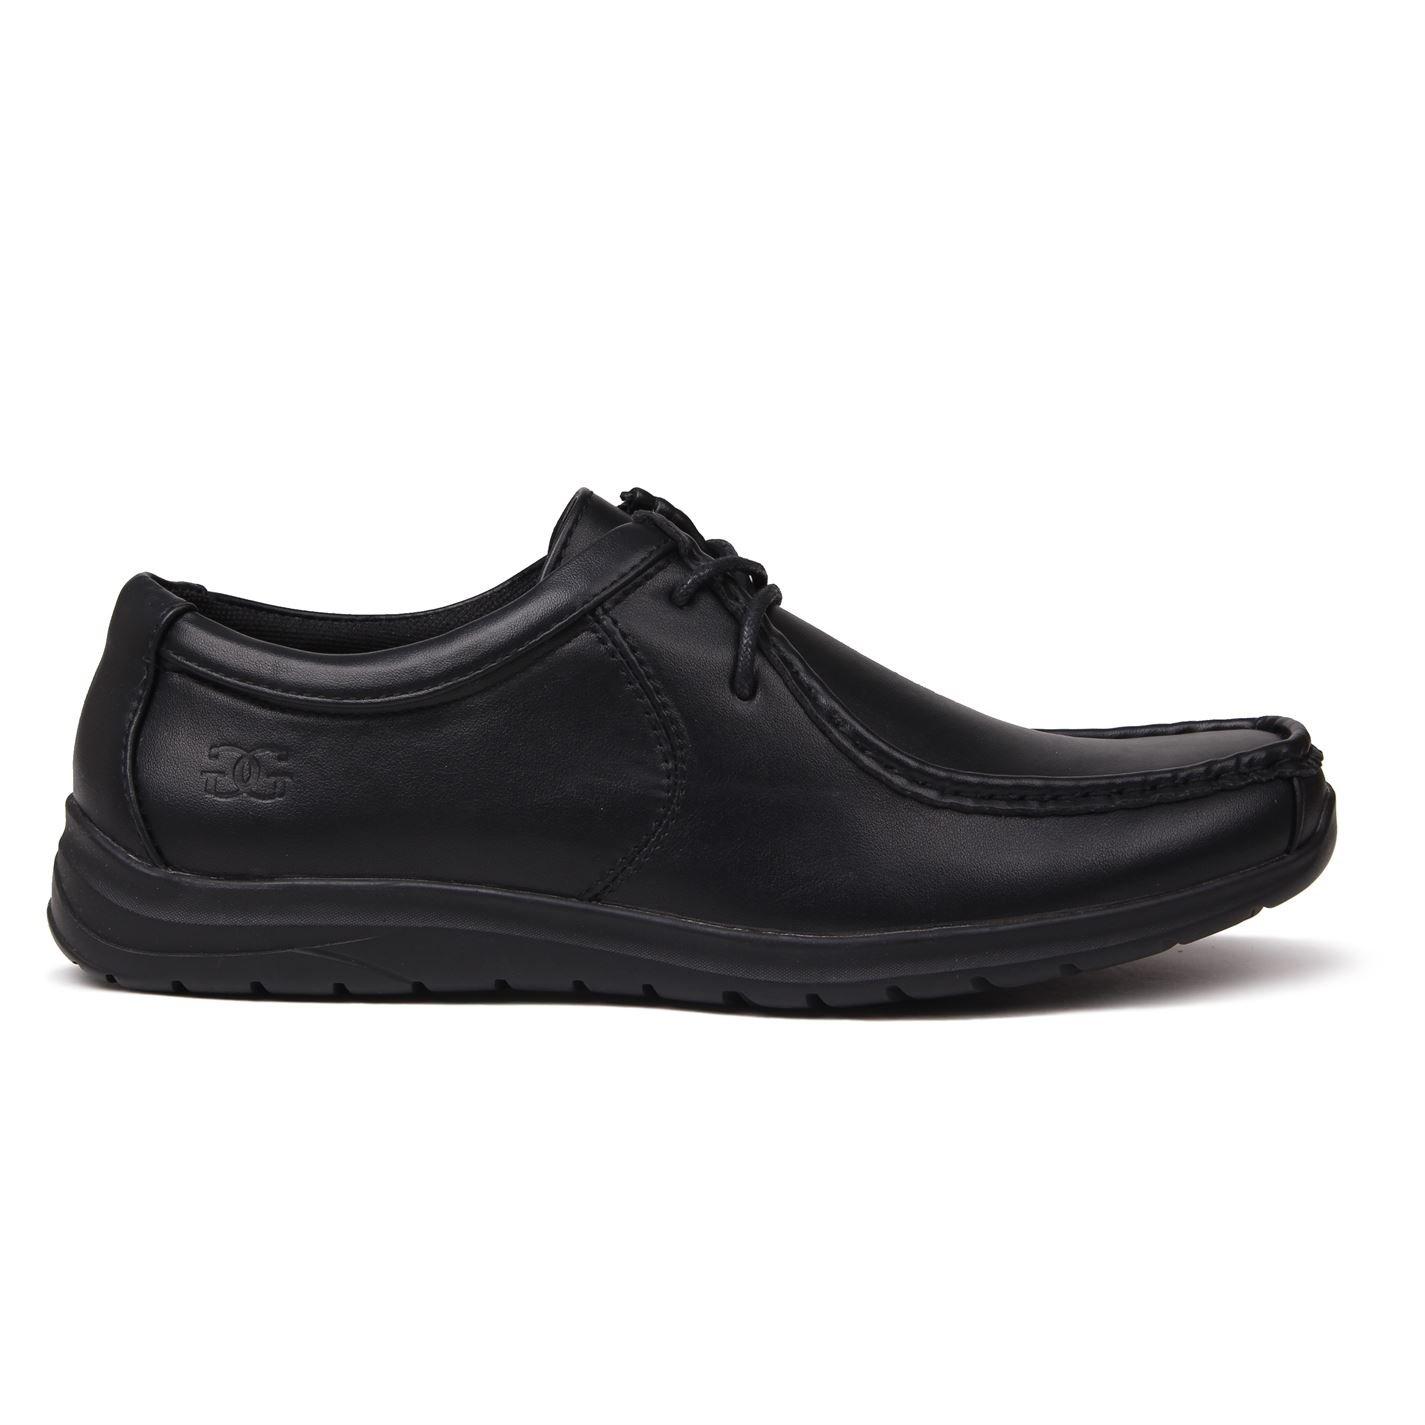 TALLA 45 EU. Giorgio - Zapatos de Cordones de Material Sintético para Hombre